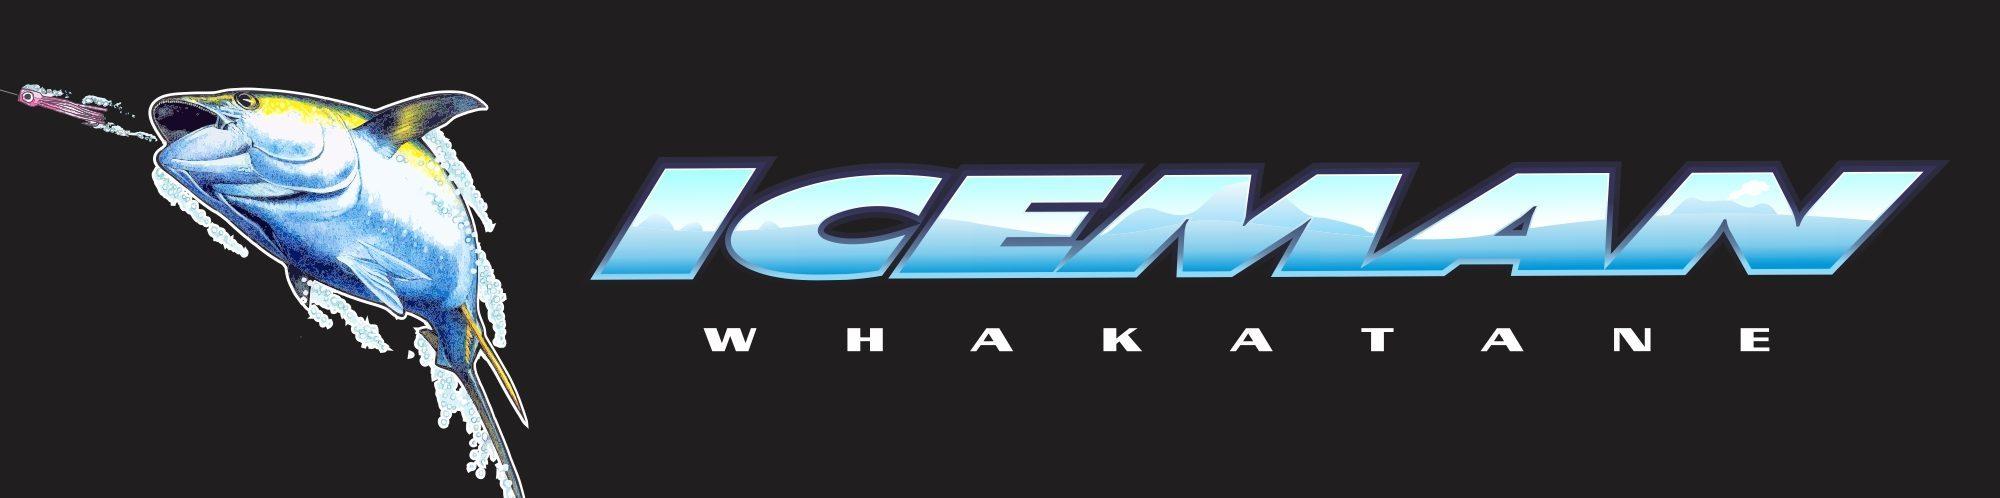 Iceman Whakatane